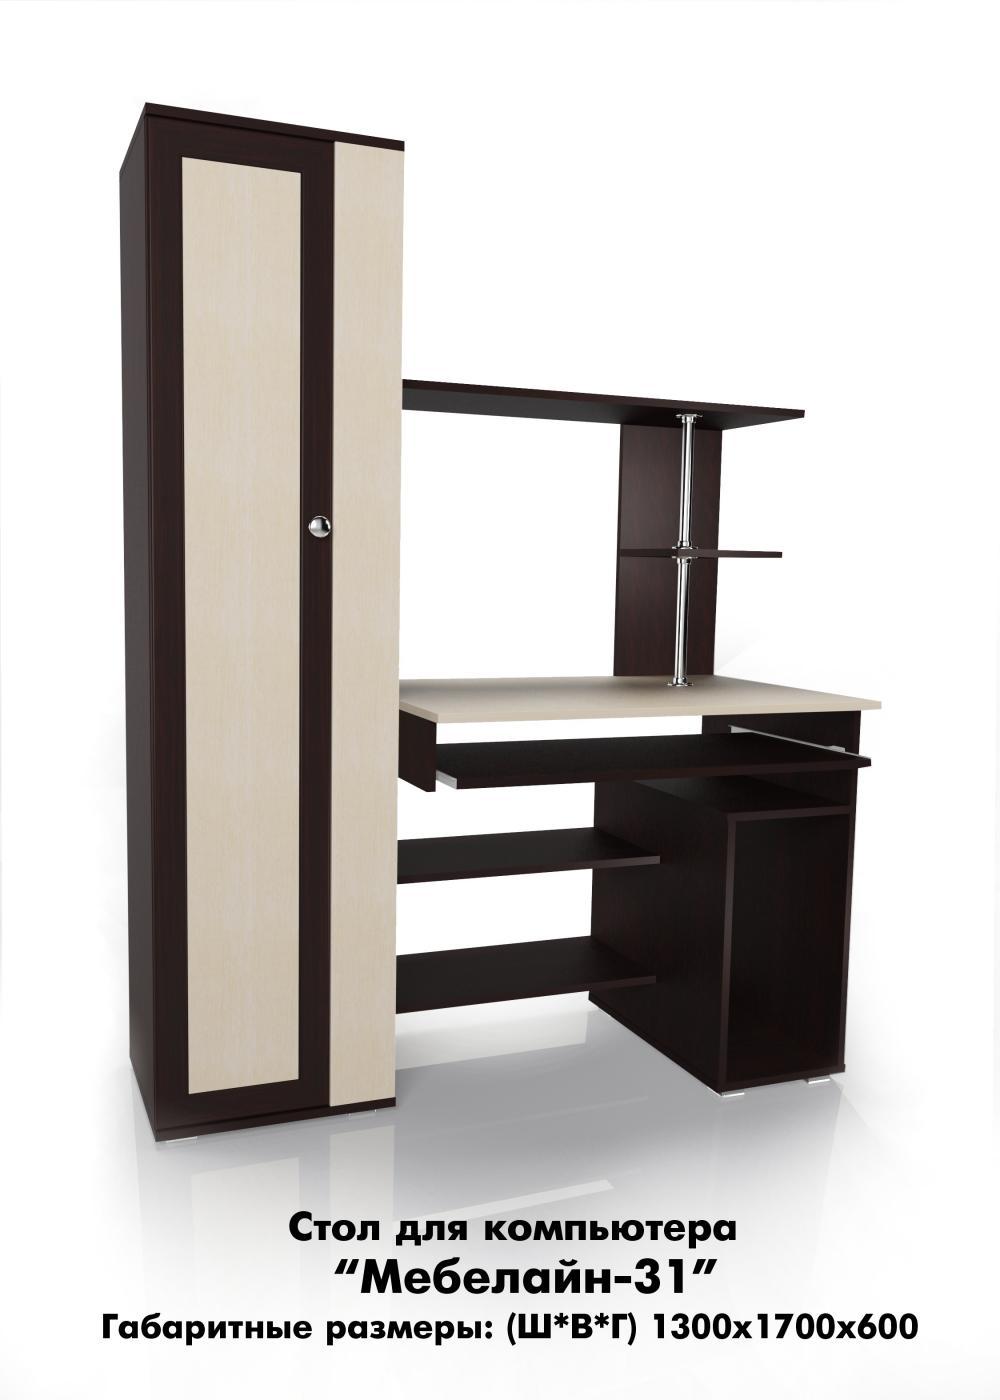 Компьютерный стол мебелайн-31. бесплатная доставка..